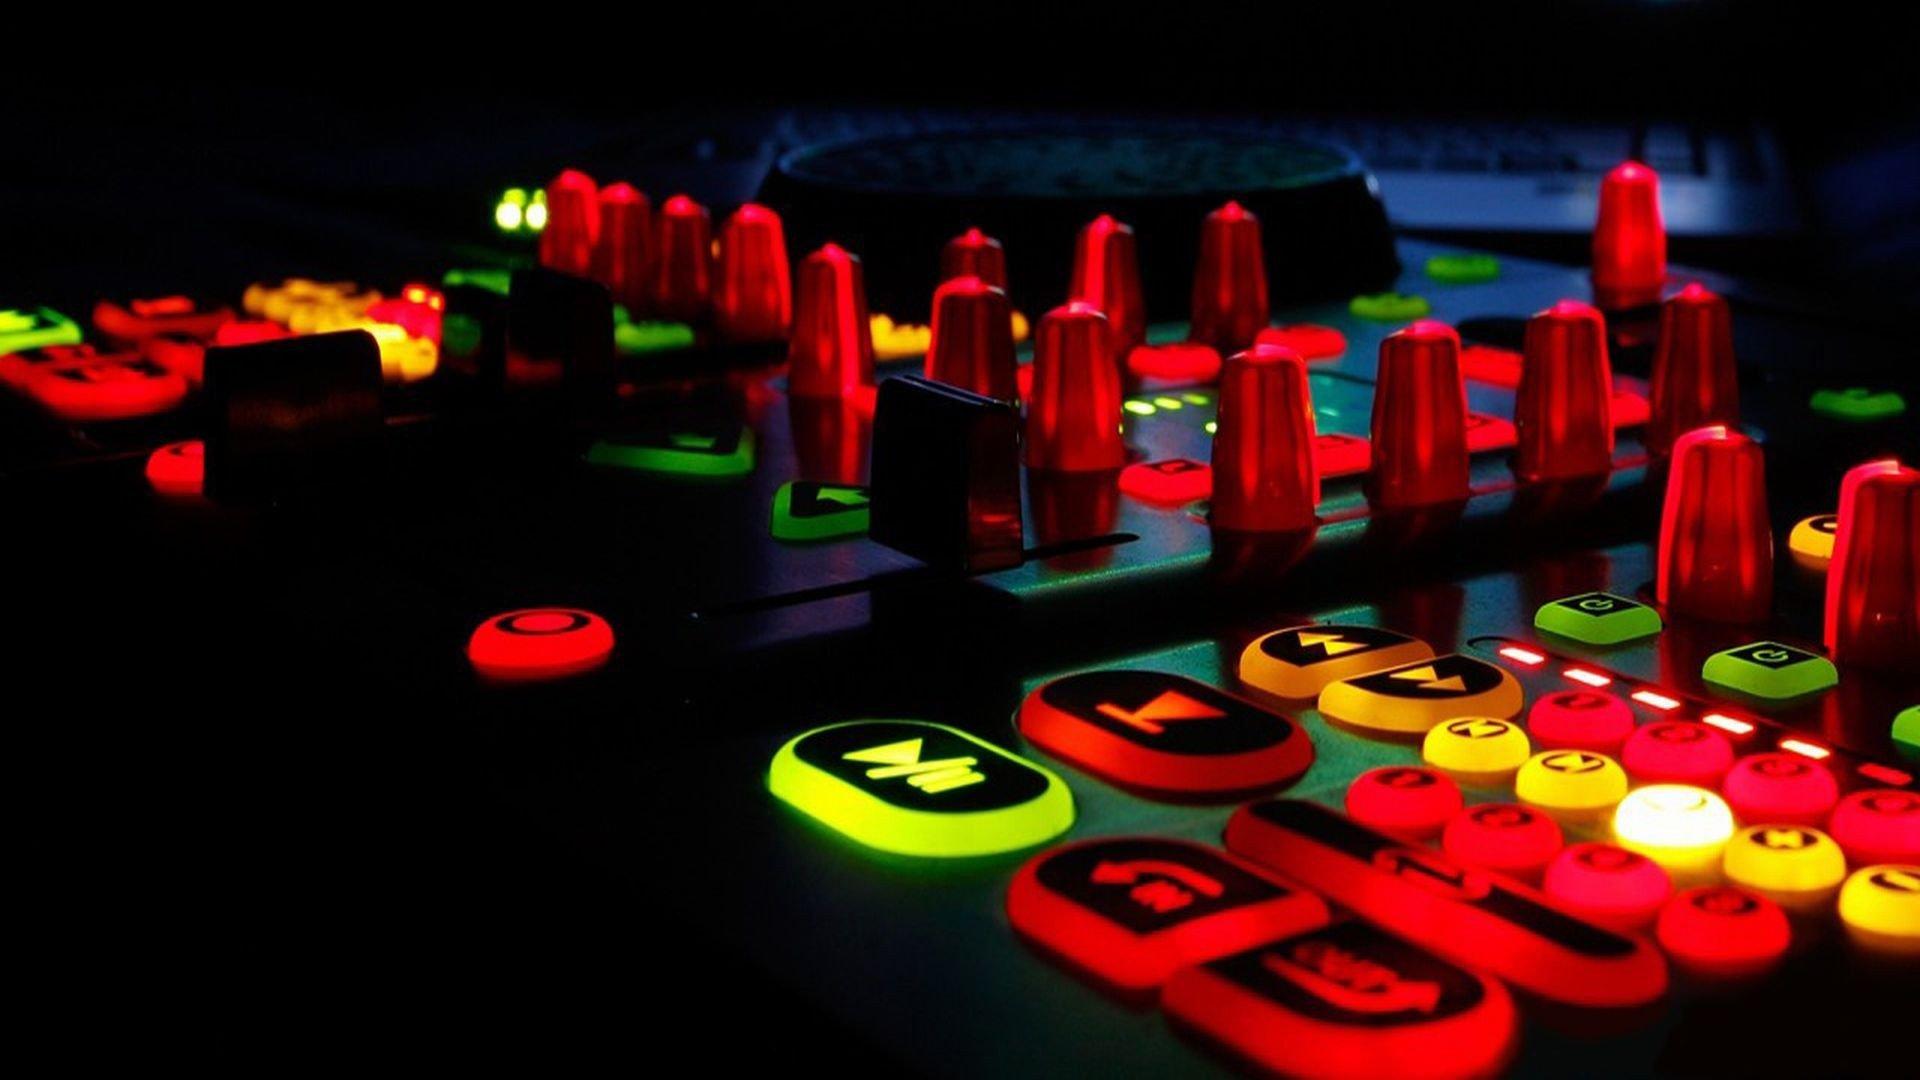 DJ Full HD Fond d'écran and Arrière-Plan | 1920x1080 | ID:325051